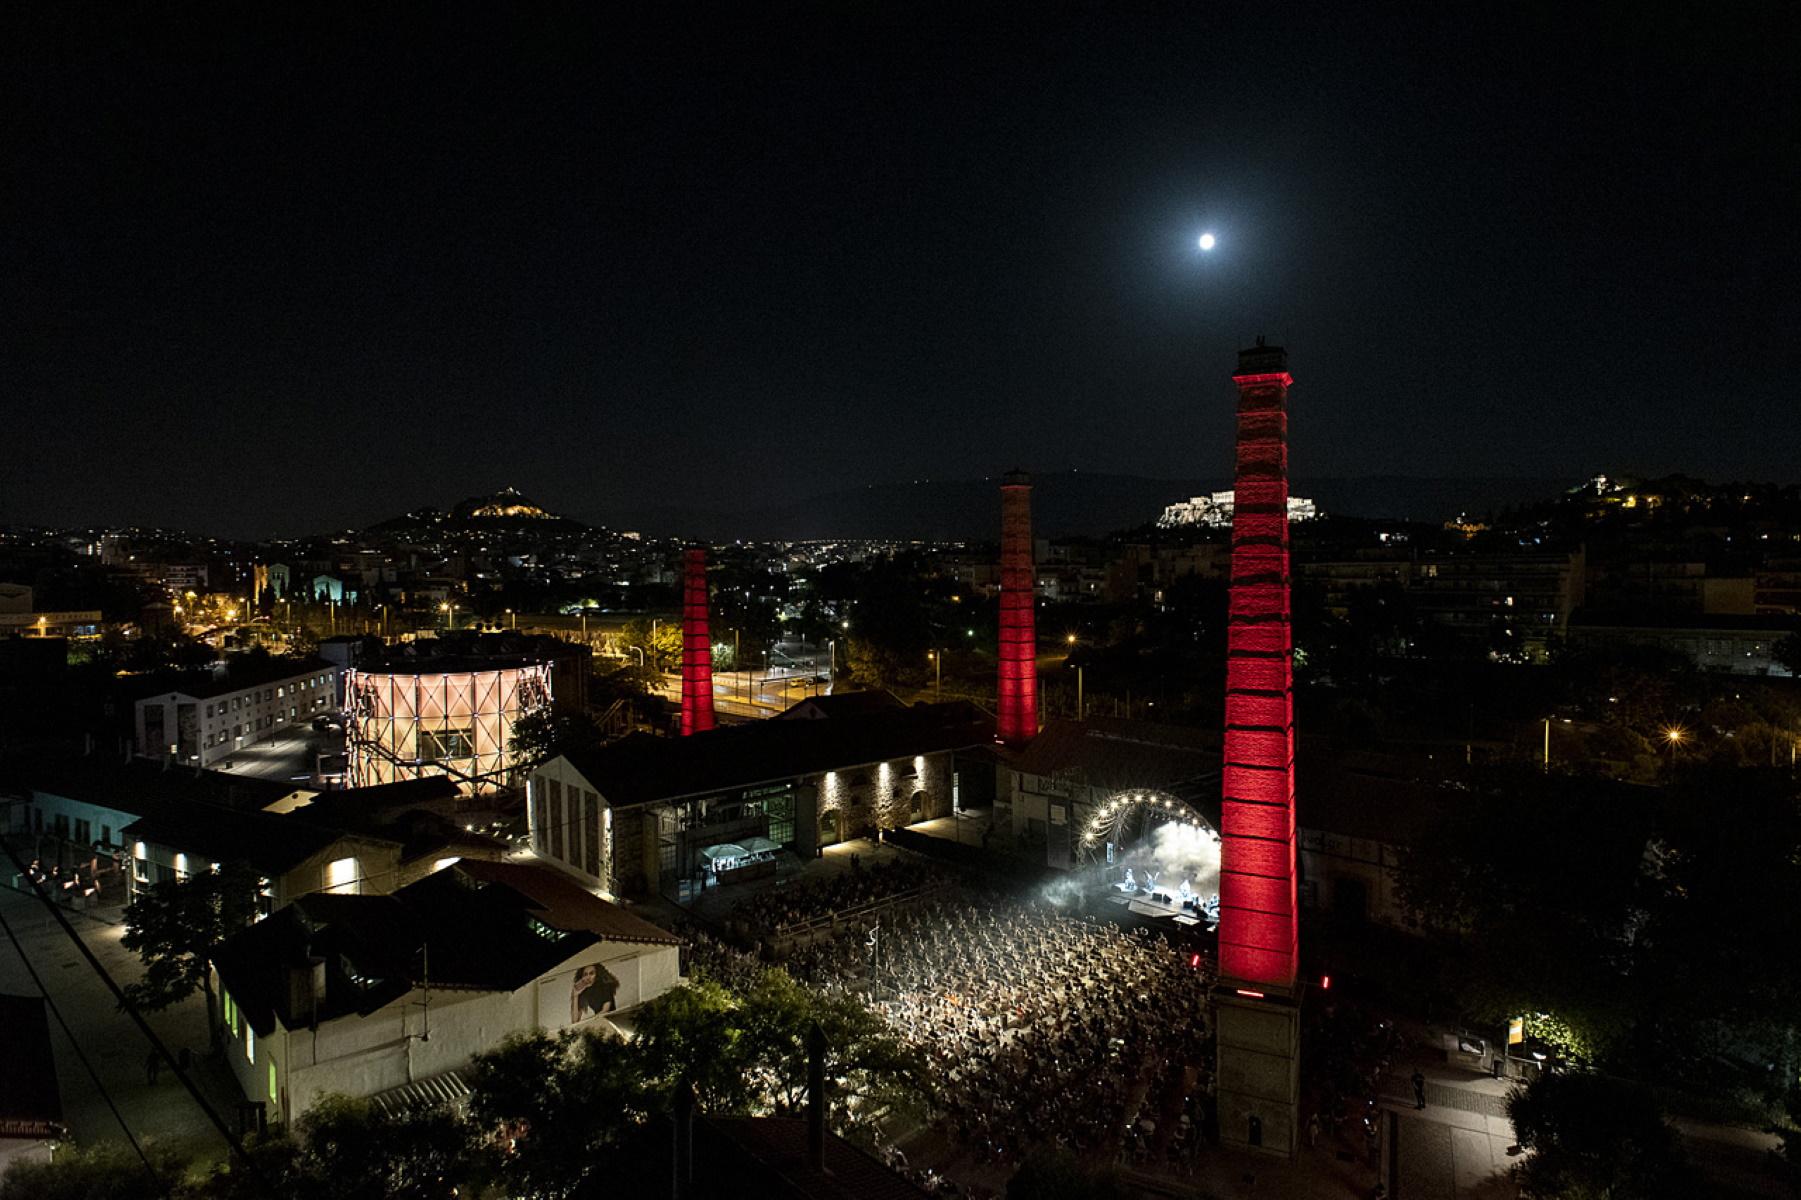 Δήμος Αθηναίων: Δωρεάν χώροι και εξοπλισμός για συναυλίες και παραστάσεις